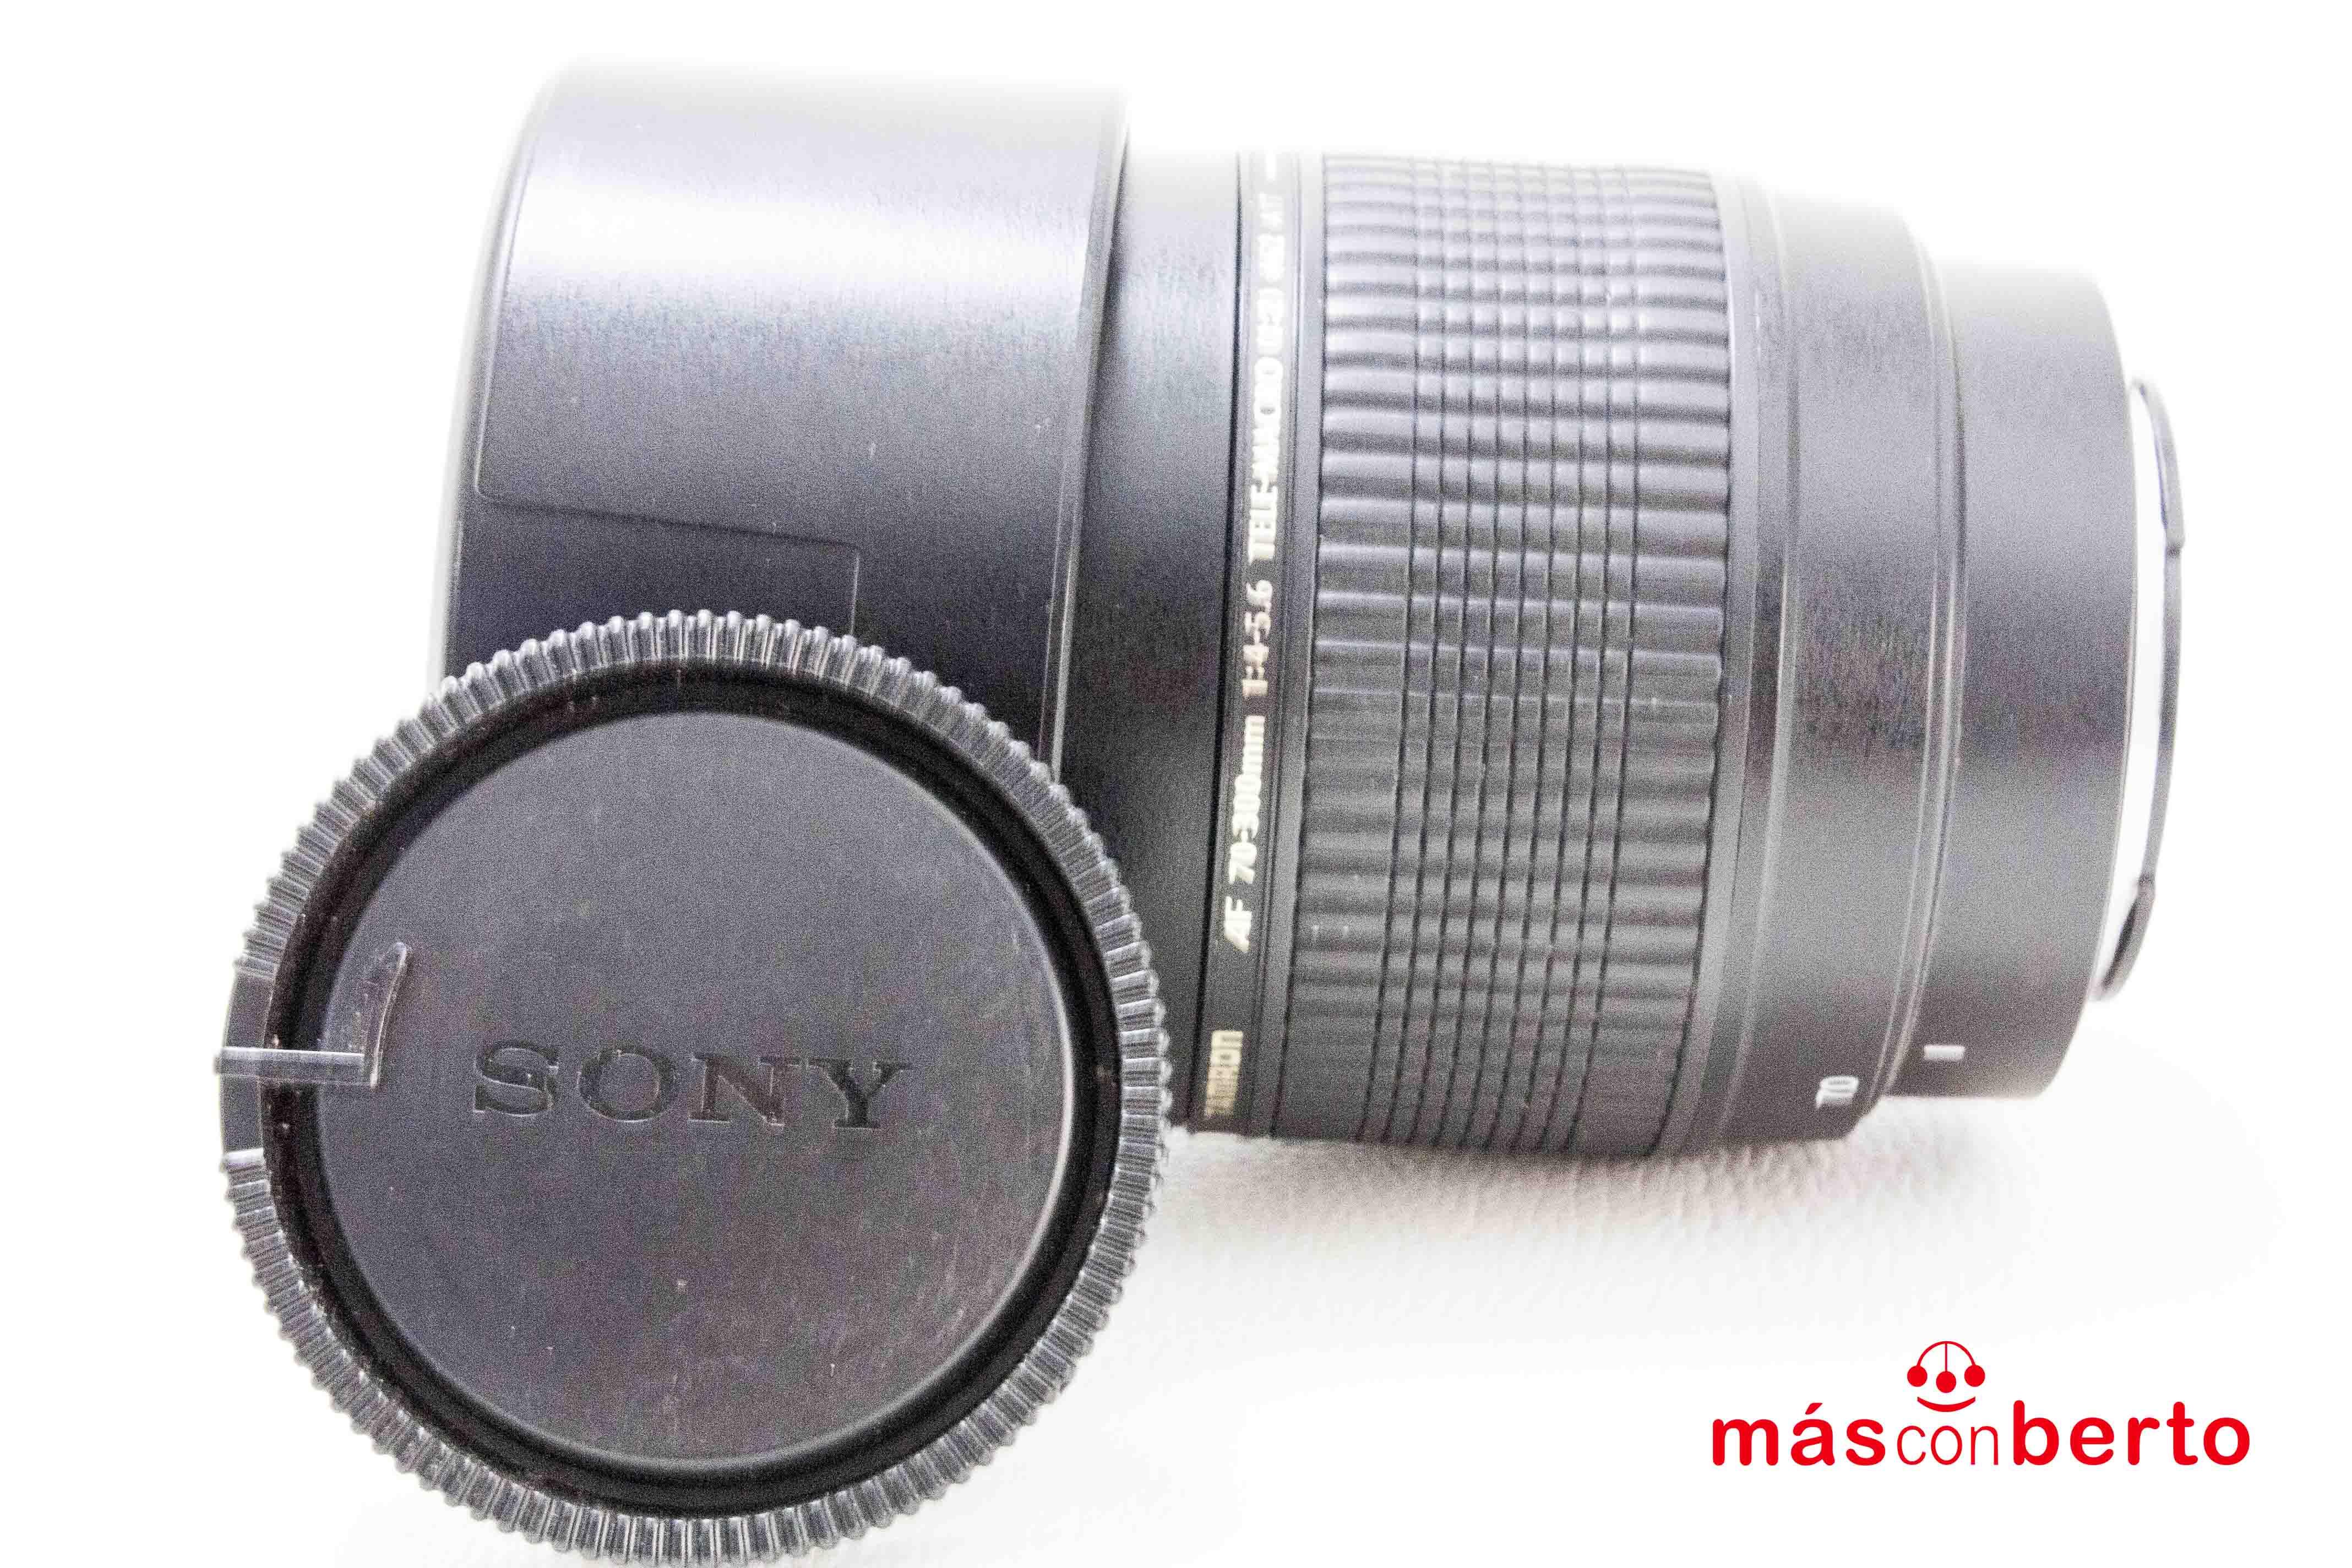 Objetivo Tamron AF 70-300mm